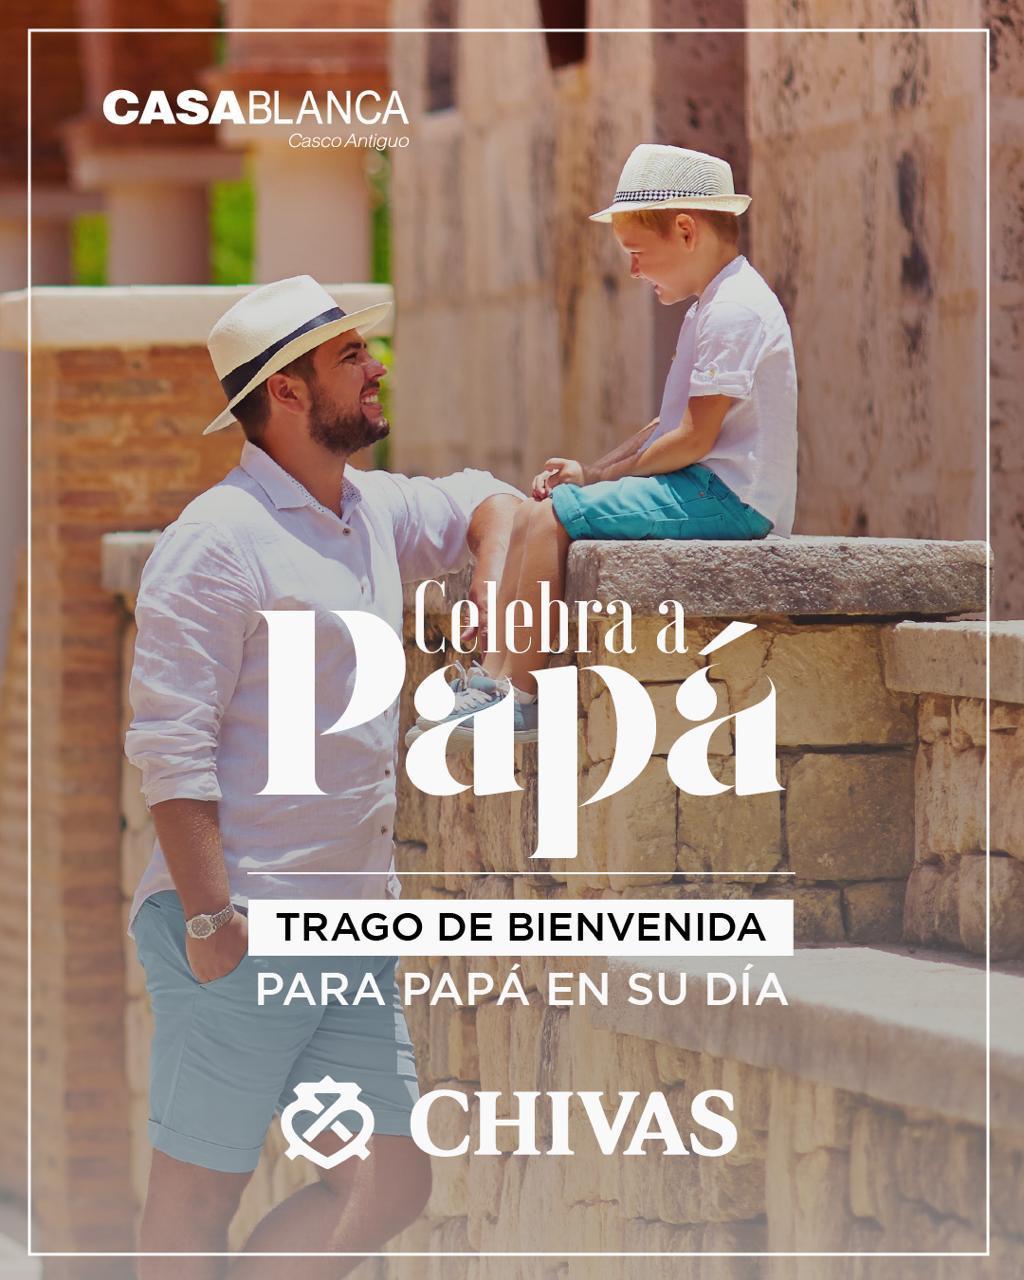 Fathers Day Casa Blanca Panama